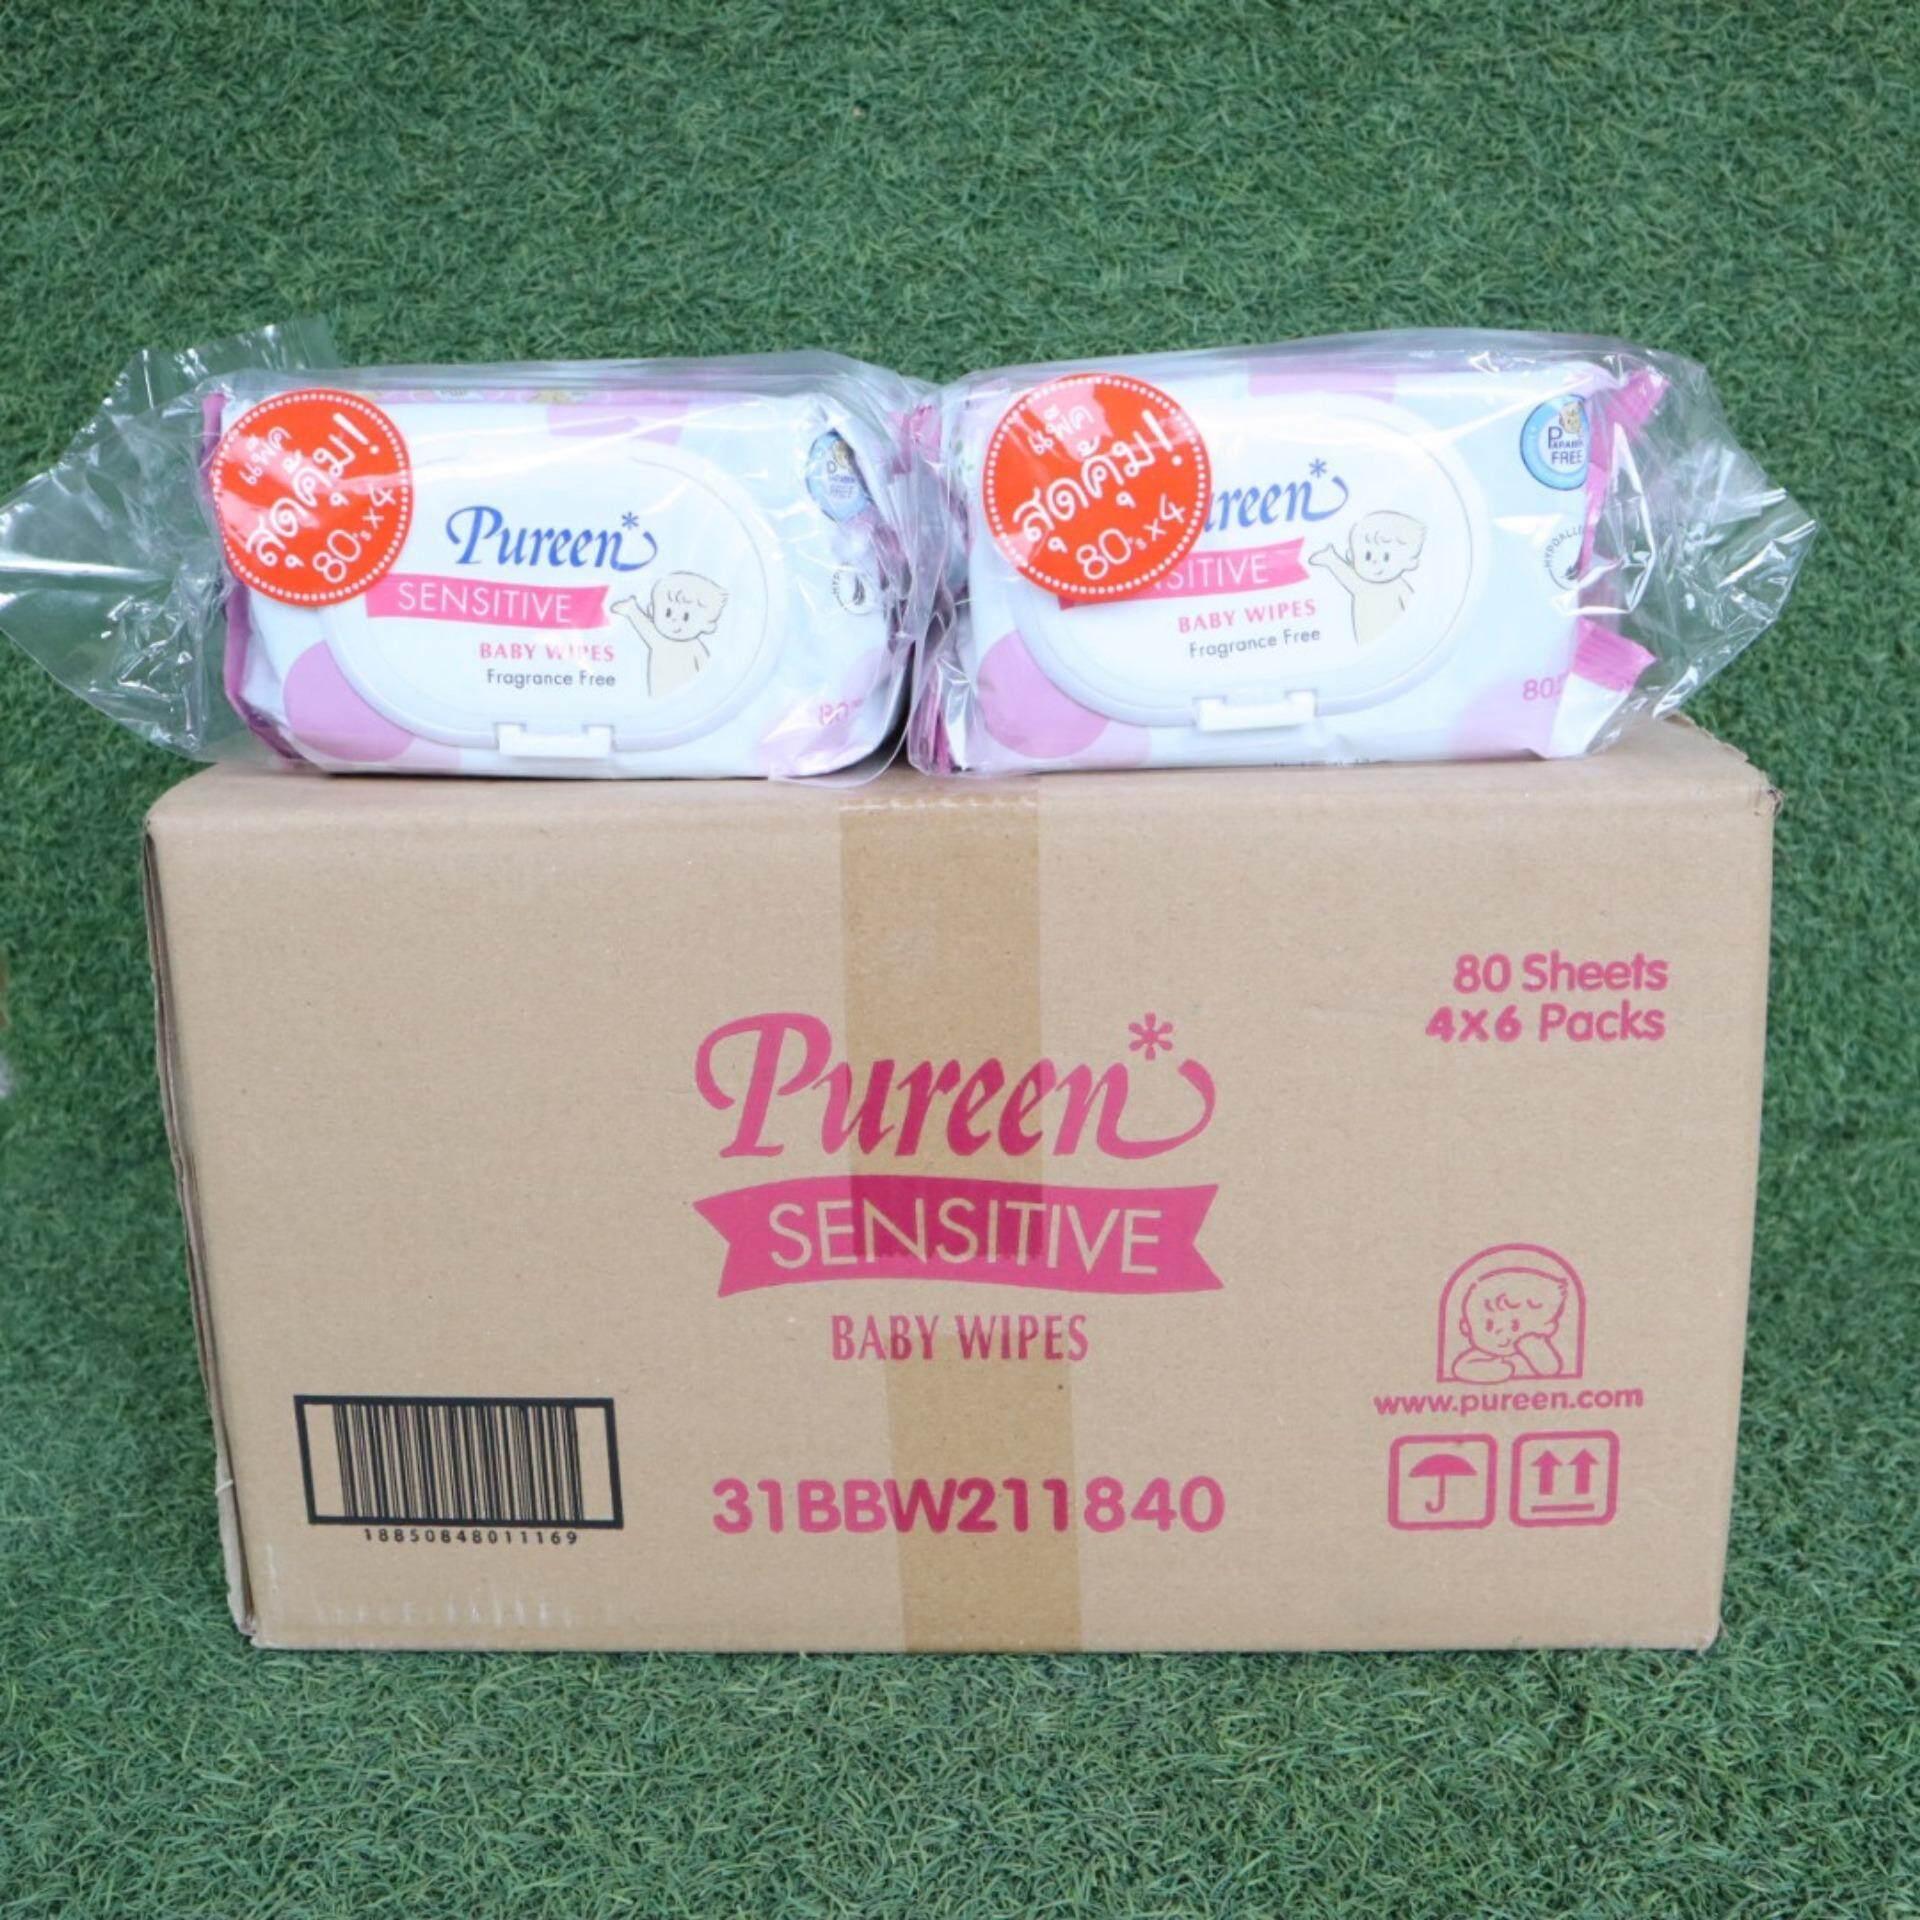 โปรโมชั่น ขายยกลัง Pureen Baby Wipes ผ้าเช็ดทำความสะอาด สูตร Sensitive 80 แผ่น ( แพ็ค 4 x 6 ) สีชมพู